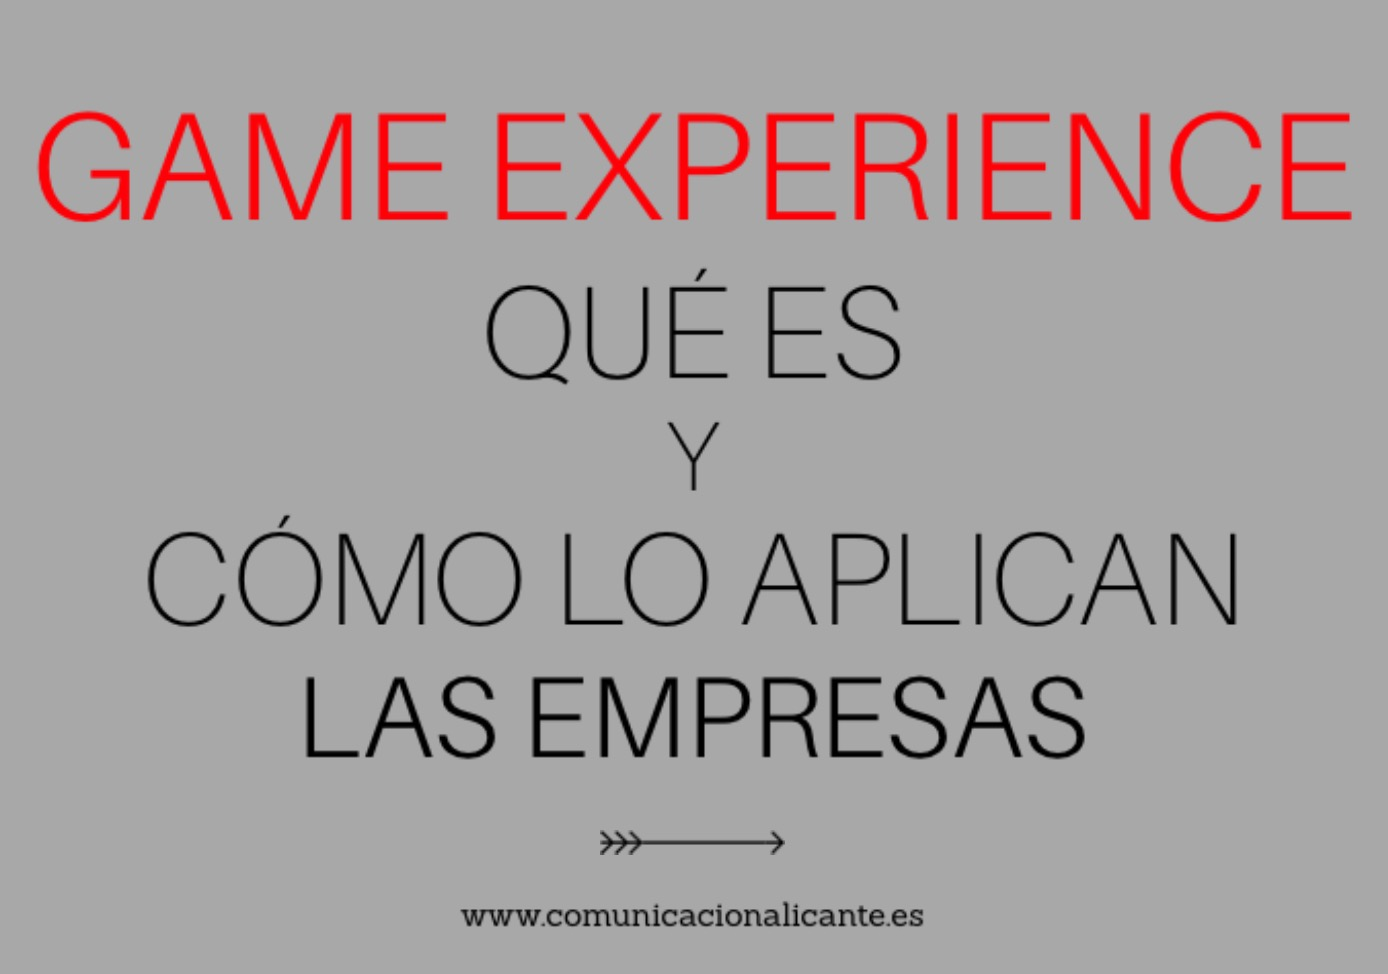 Game experience: qué es y cómo lo aplican las empresas